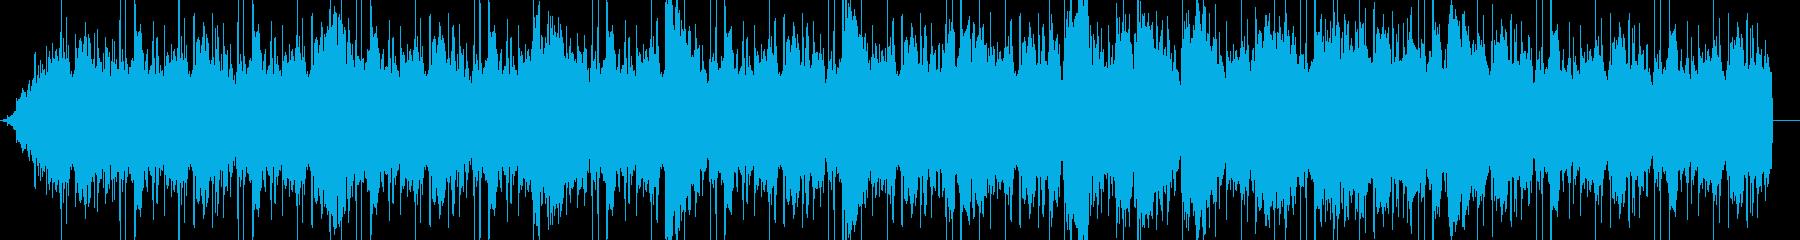 ゆったり神秘的な曲の再生済みの波形